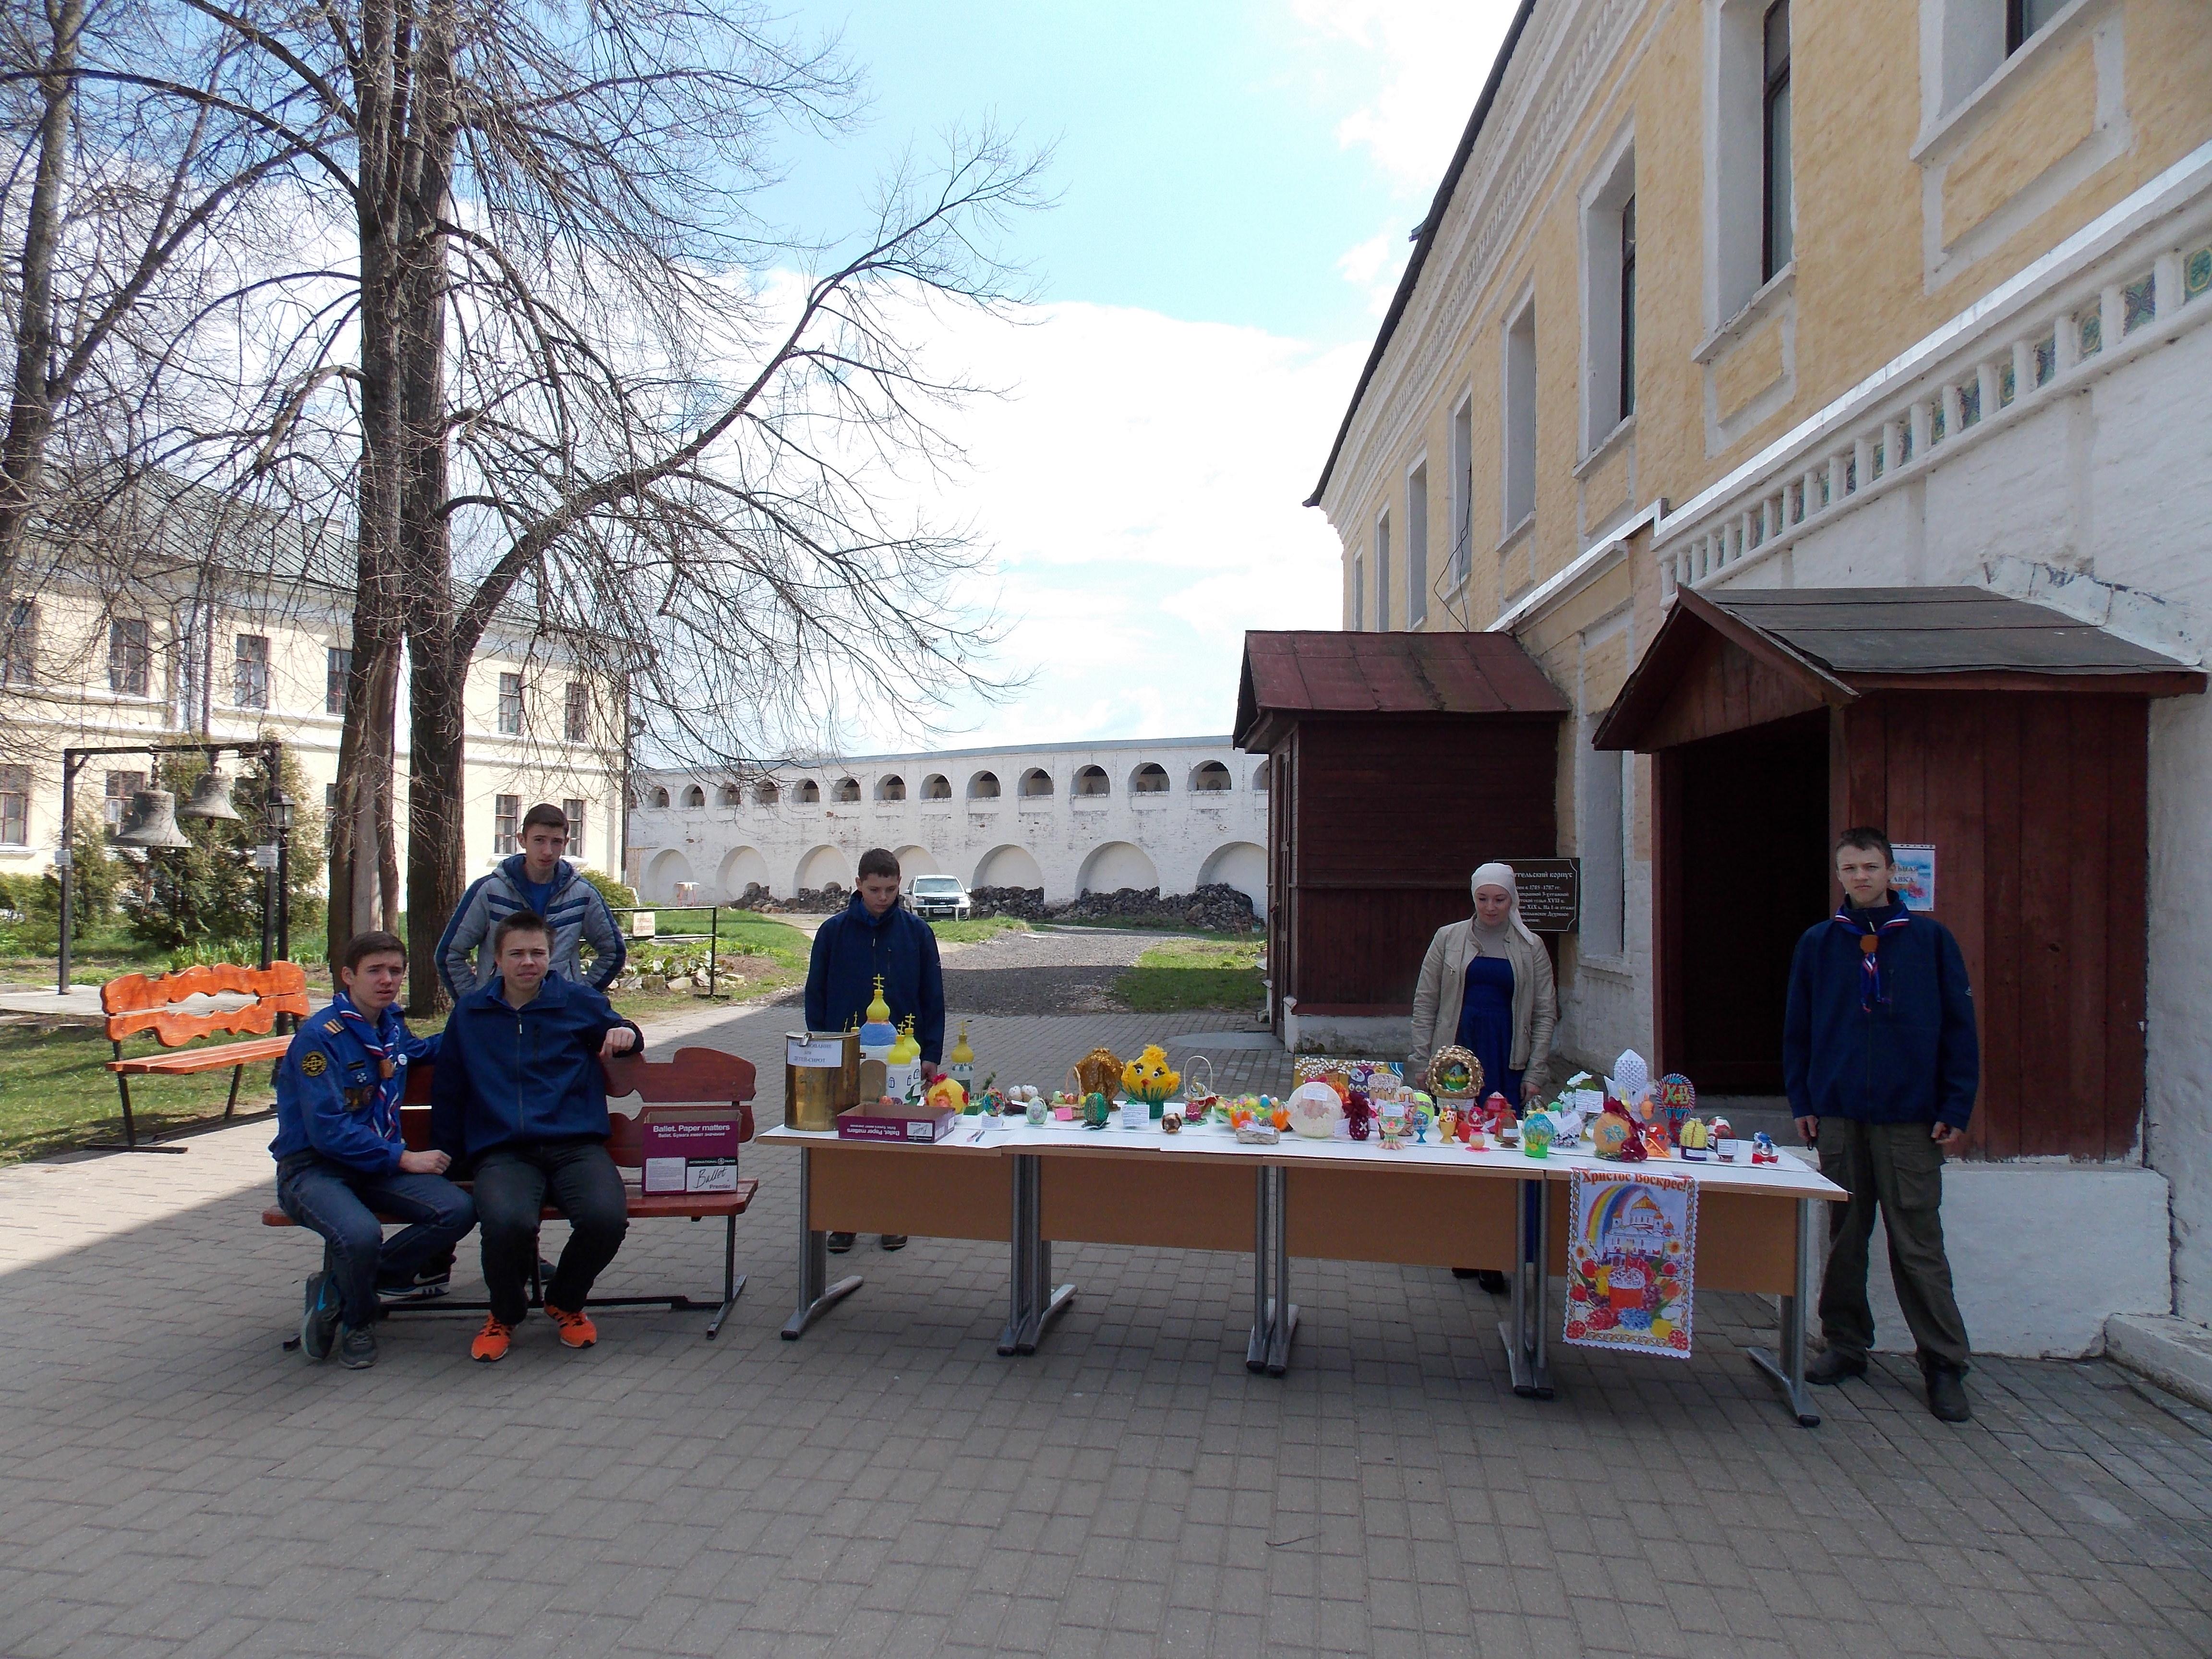 Следопыты Волоколамского отряда БПС приняли участие в конкурсе пасхальной поделки